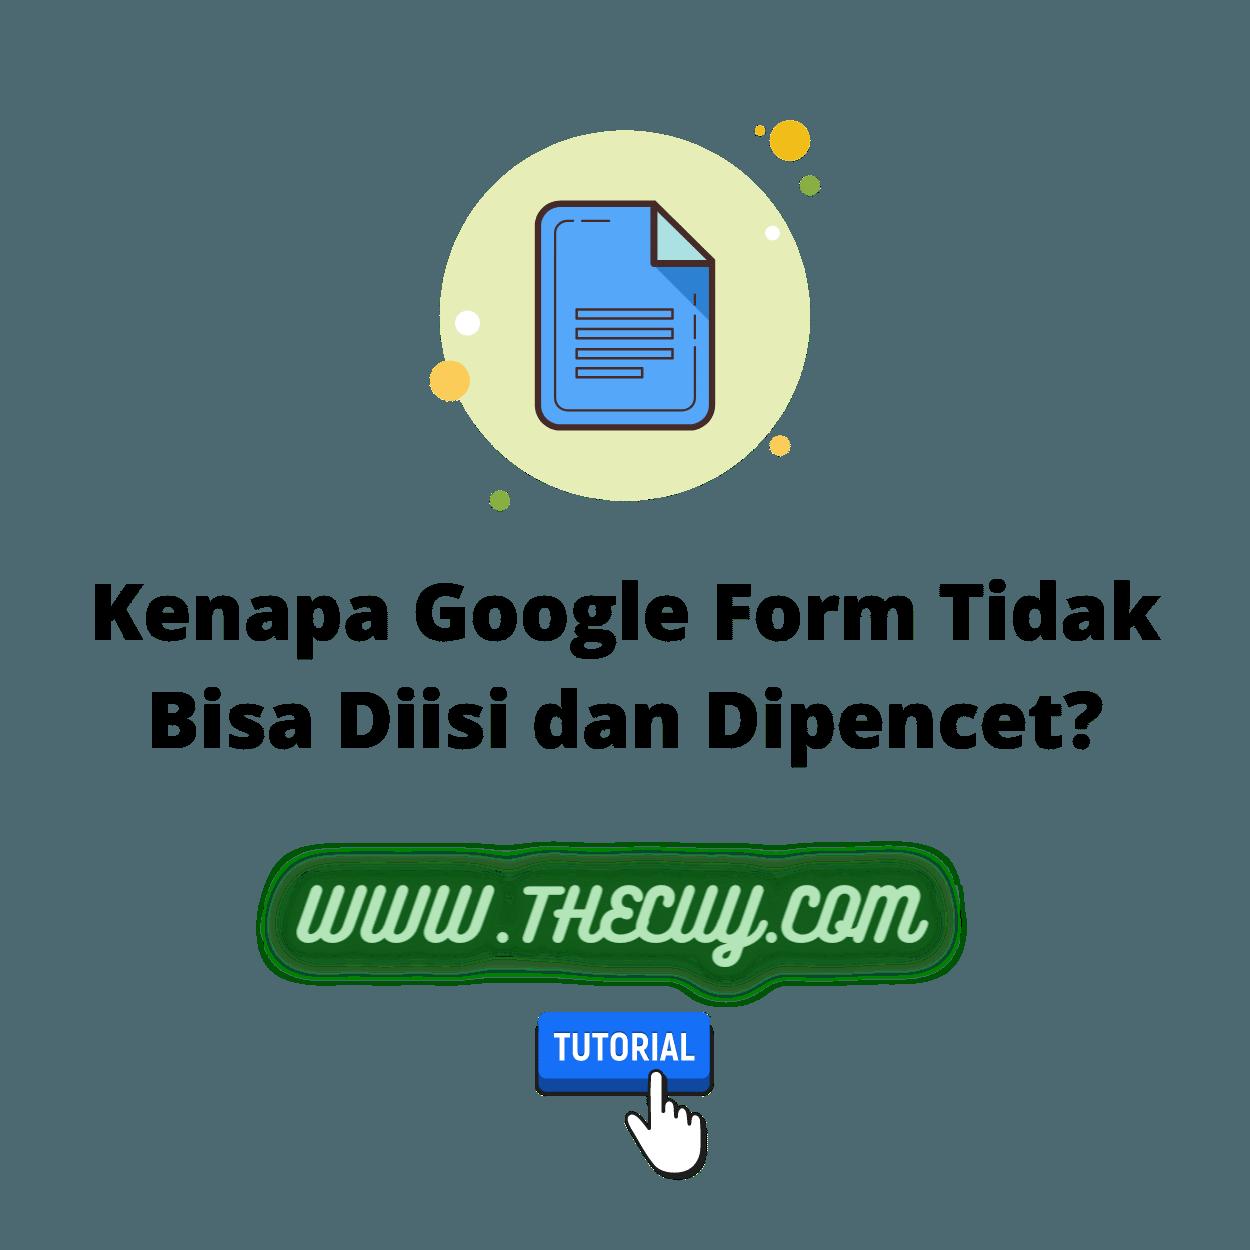 Kenapa Google Form Tidak Bisa Diisi dan Dipencet?